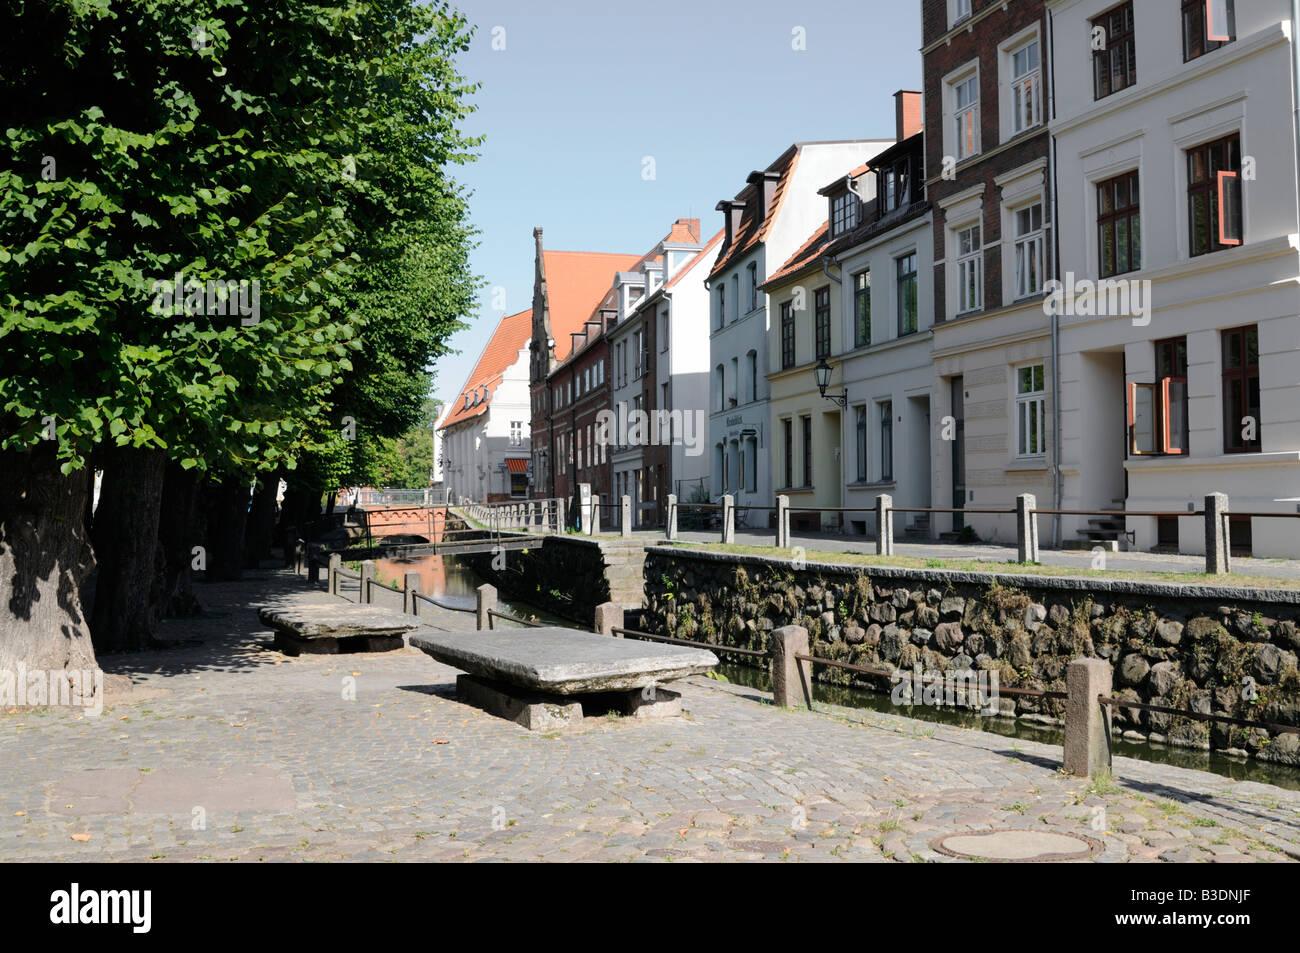 Straße namens Frische Grube in Wismar Deutschland Street named Frische Grube in Wismar Germany - Stock Image